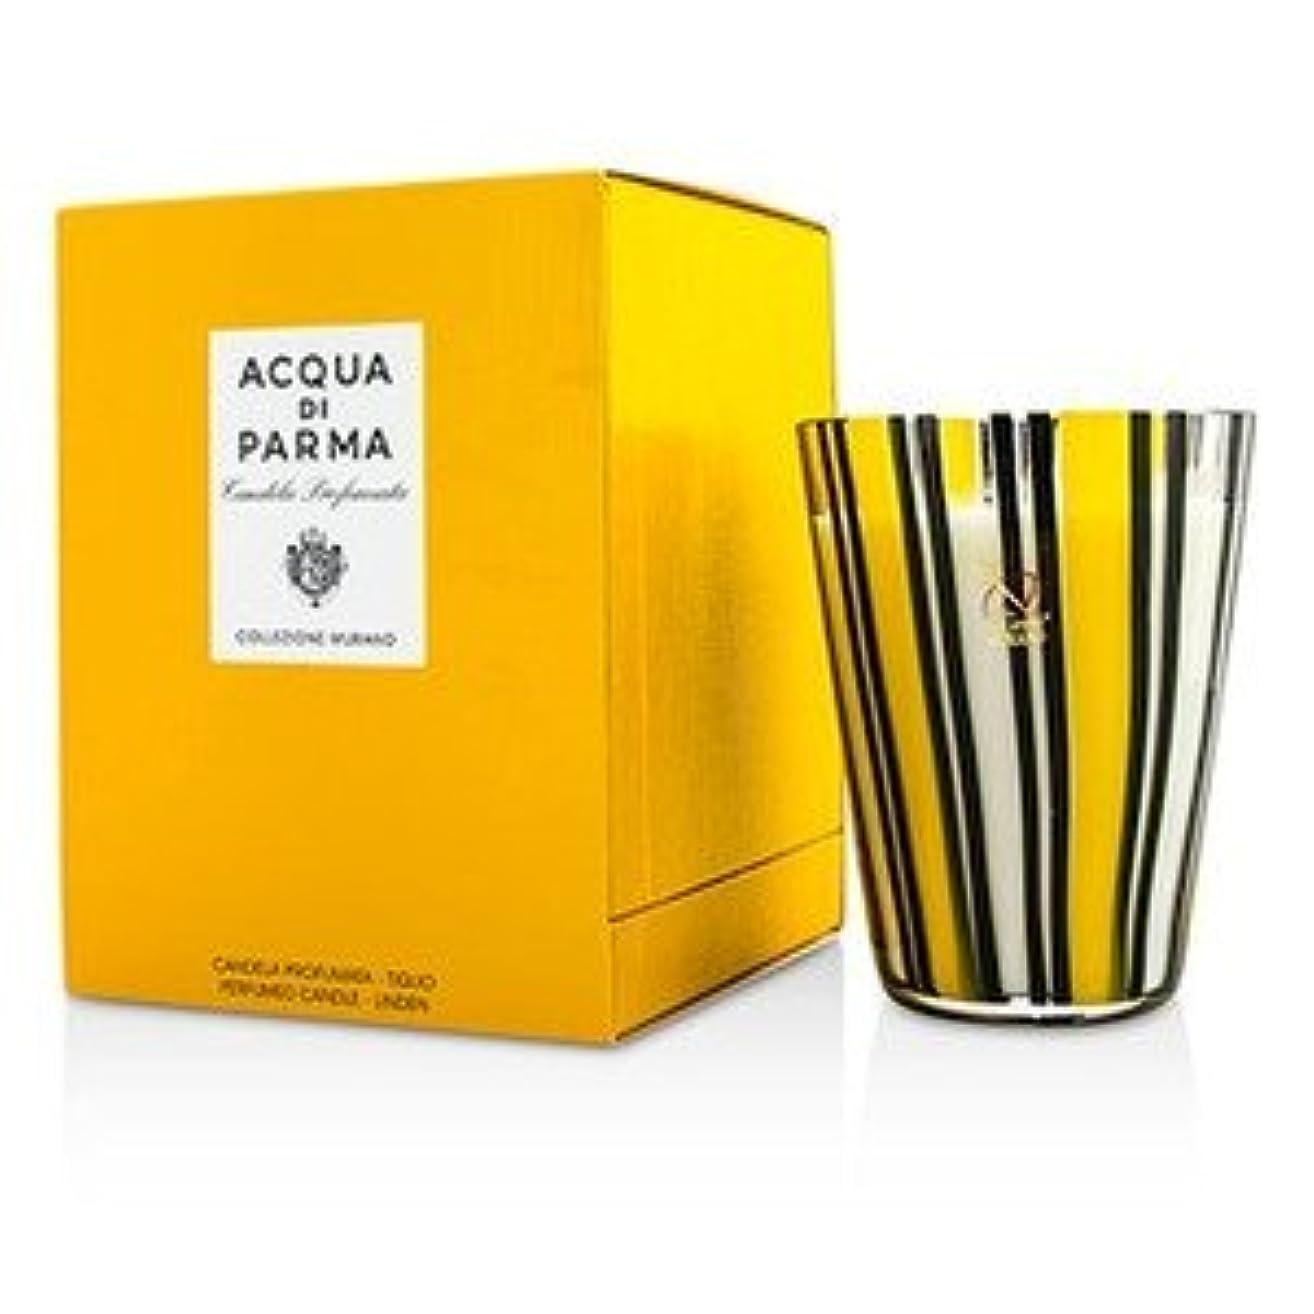 インク欲求不満チーフアクア ディ パルマ[Acqua Di Parma] ムラノ グラス パフューム キャンドル - Tiglio(Linen) 200g/7.05oz [並行輸入品]